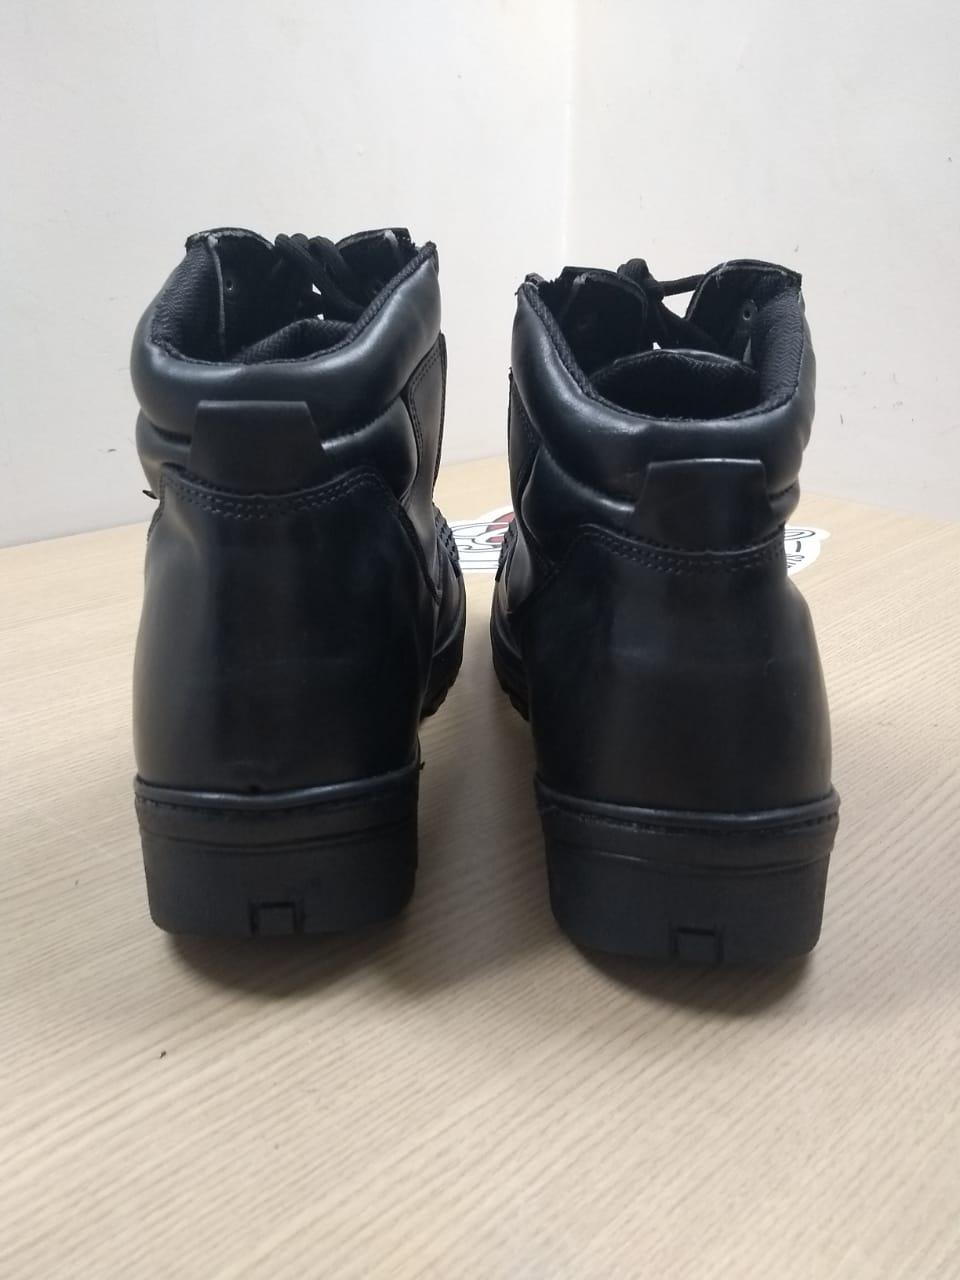 Bota De Couro Masc - Cano Médio - Com Proteção para Troca de Marcha - Preta - Tam 47 - 021/97128